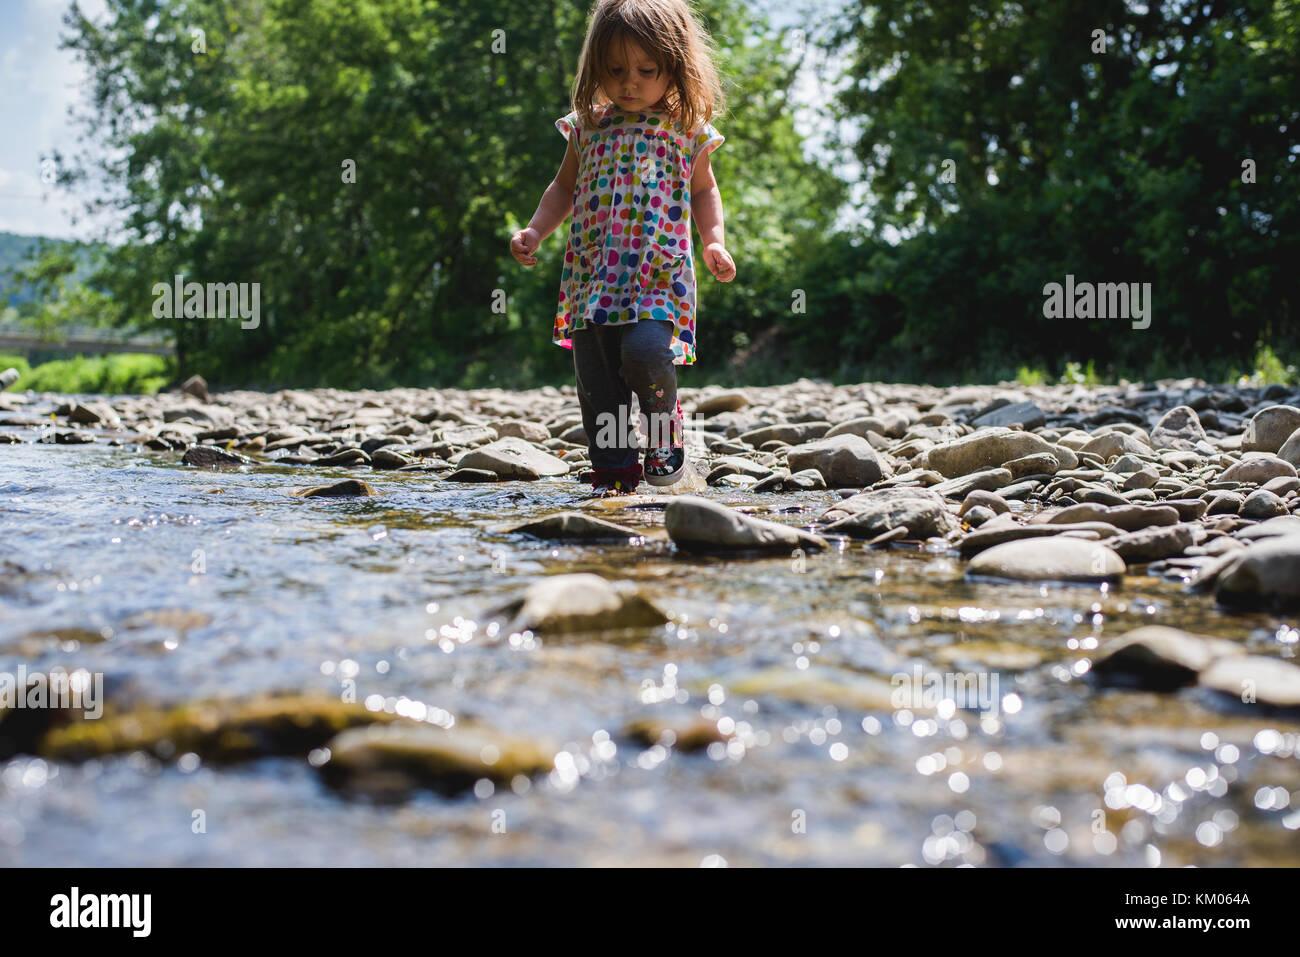 Una bambina sorge in un flusso su un soleggiato, giorno d'estate. Immagini Stock